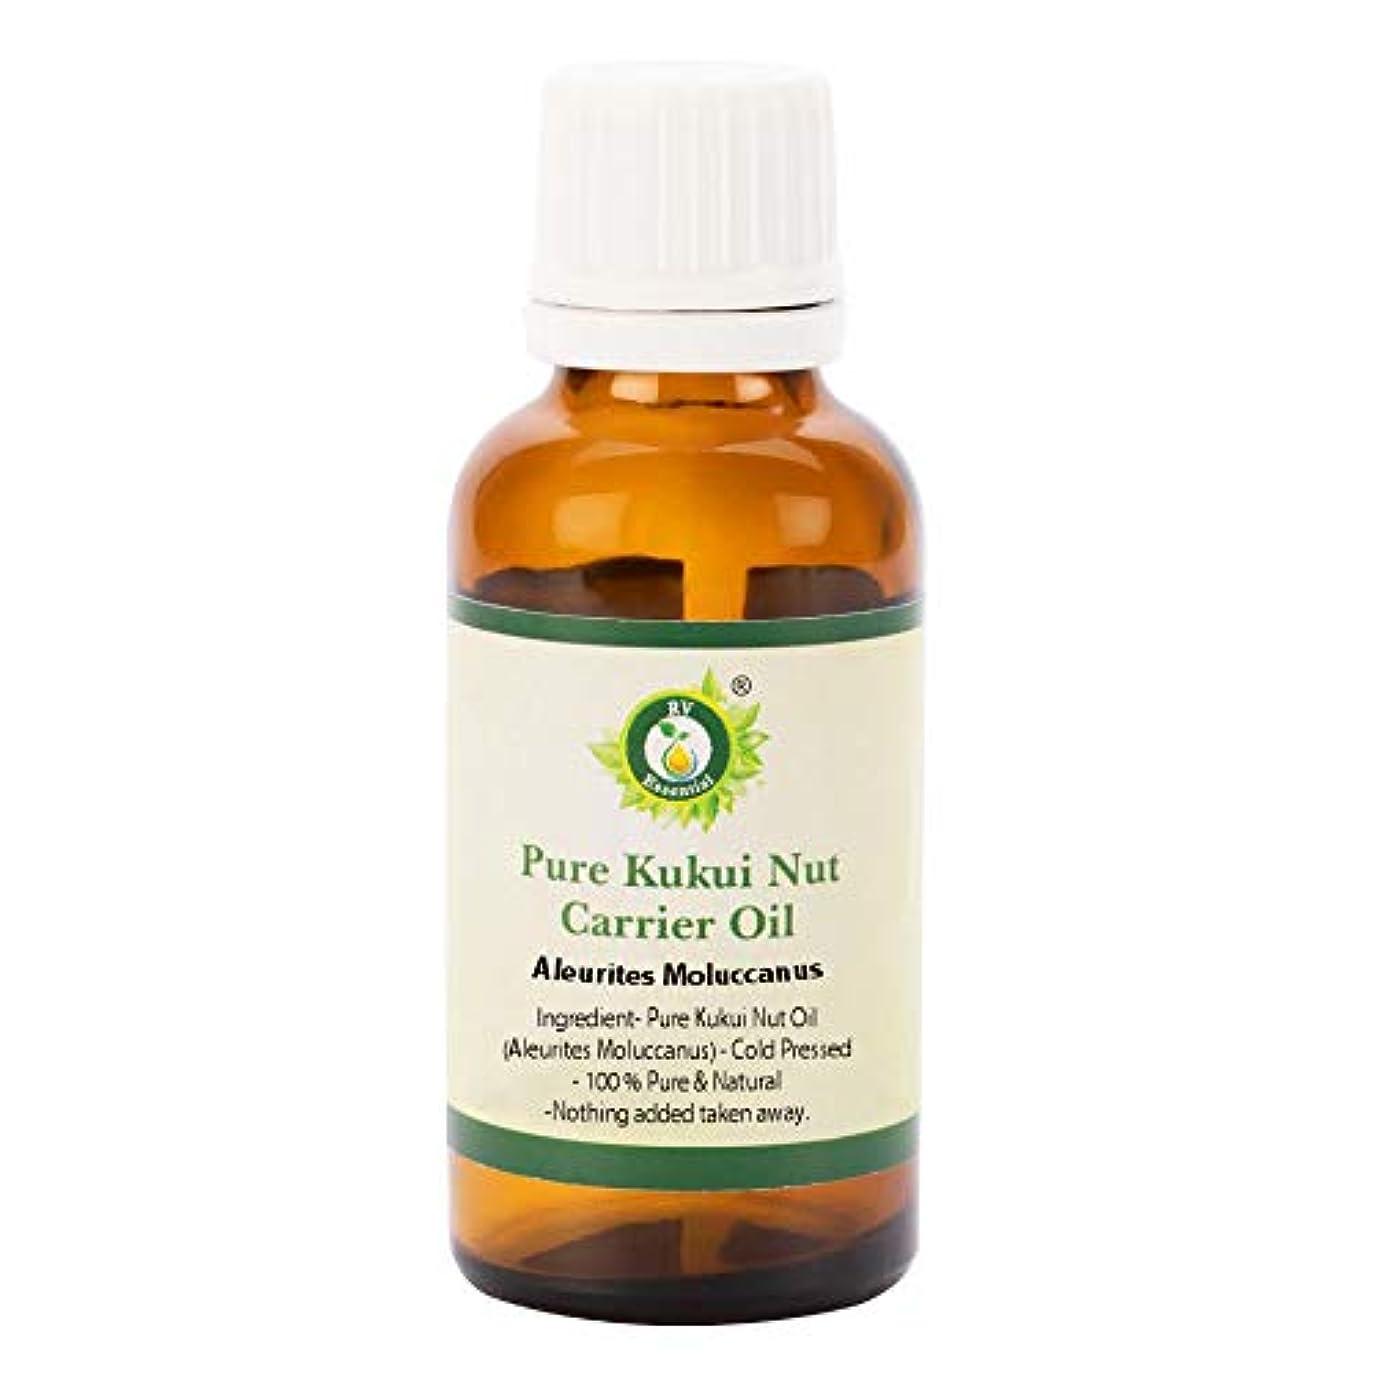 ピュアククイナッツオイルキャリア5ml (0.169oz)- Aleurites Moluccanus (100%ピュア&ナチュラルコールドPressed) Pure Kukui Nut Carrier Oil